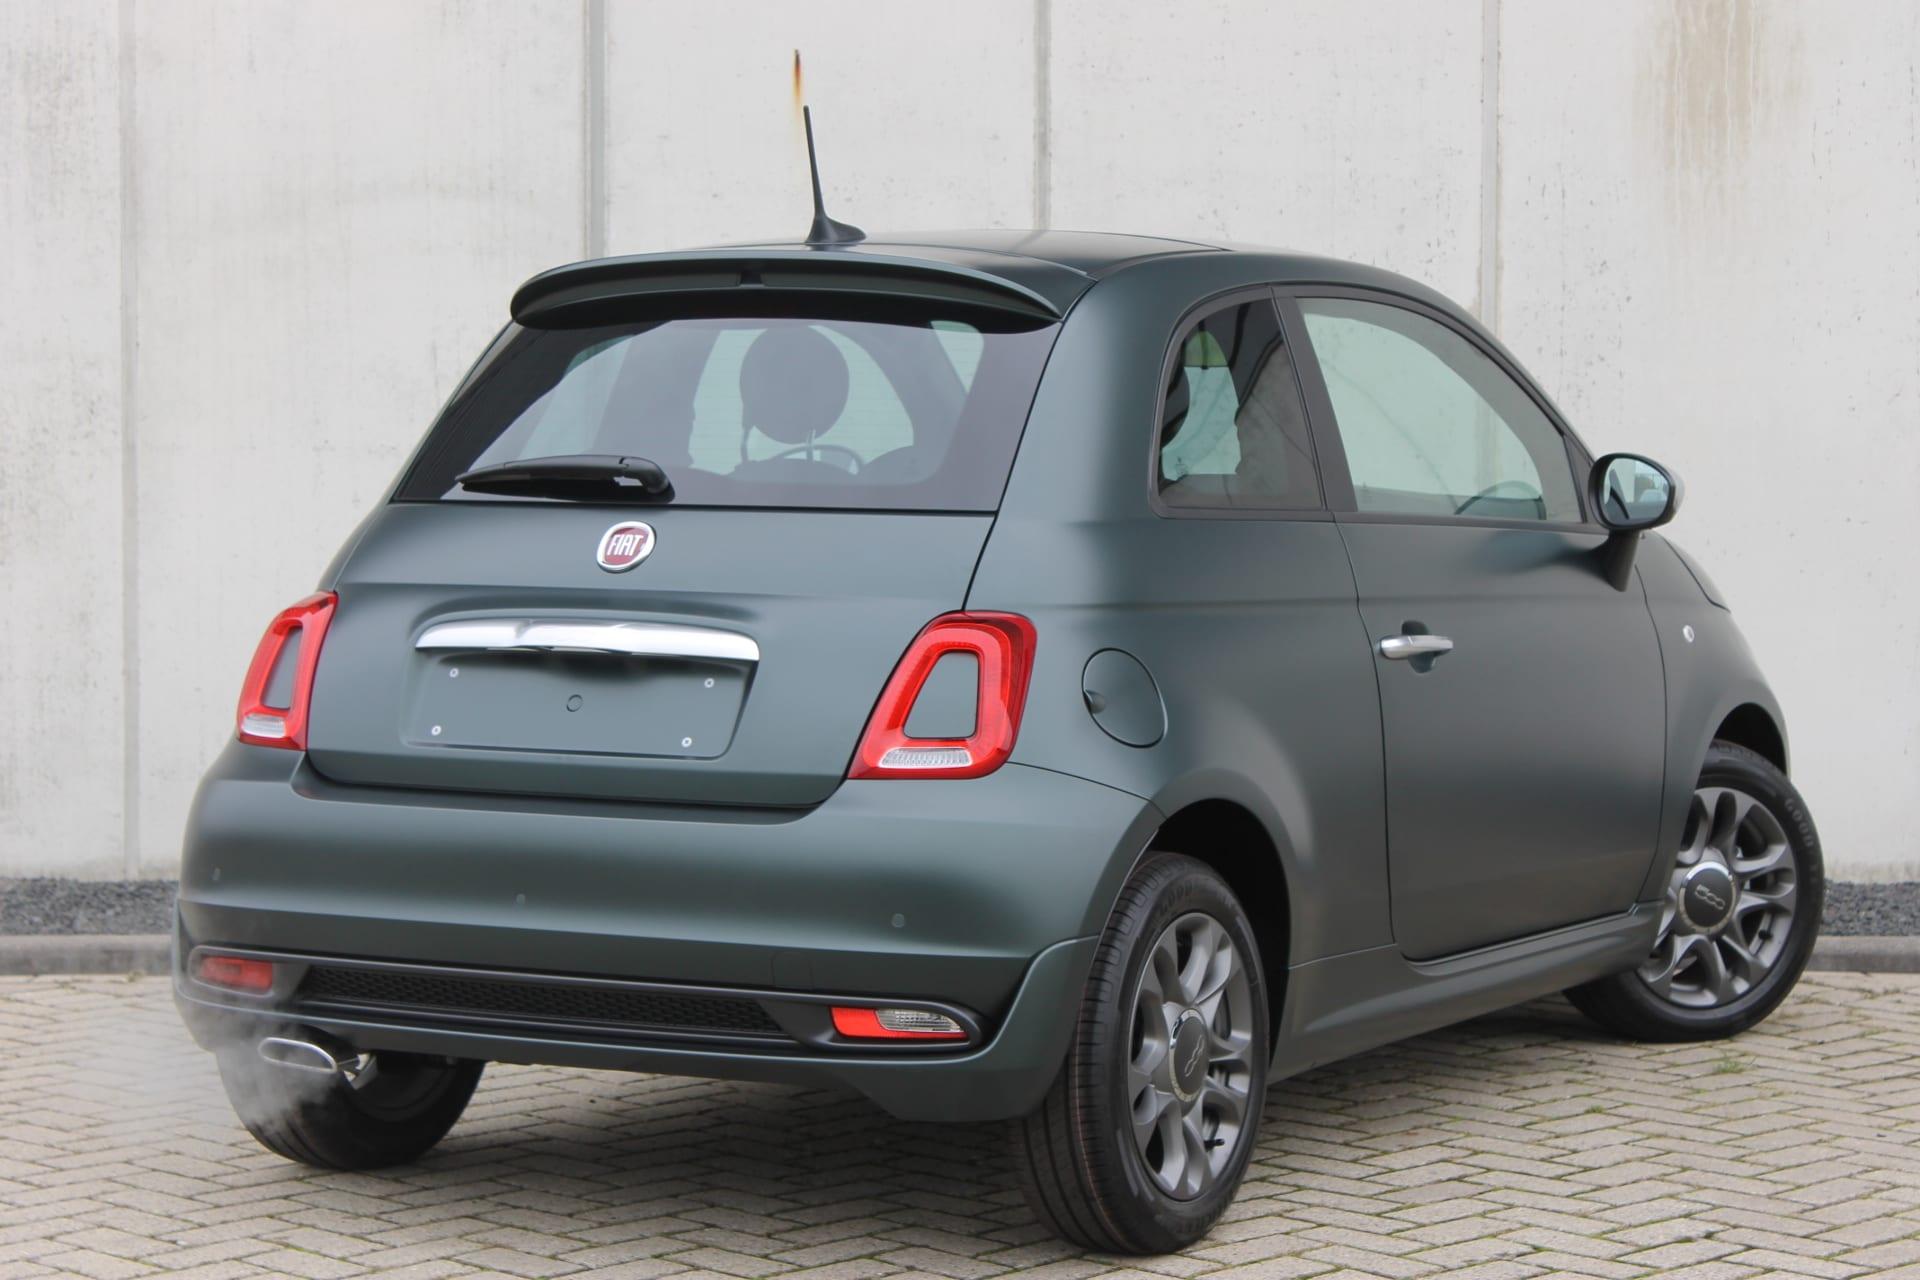 Fiat 500 Rockstar matgroen - achterkant